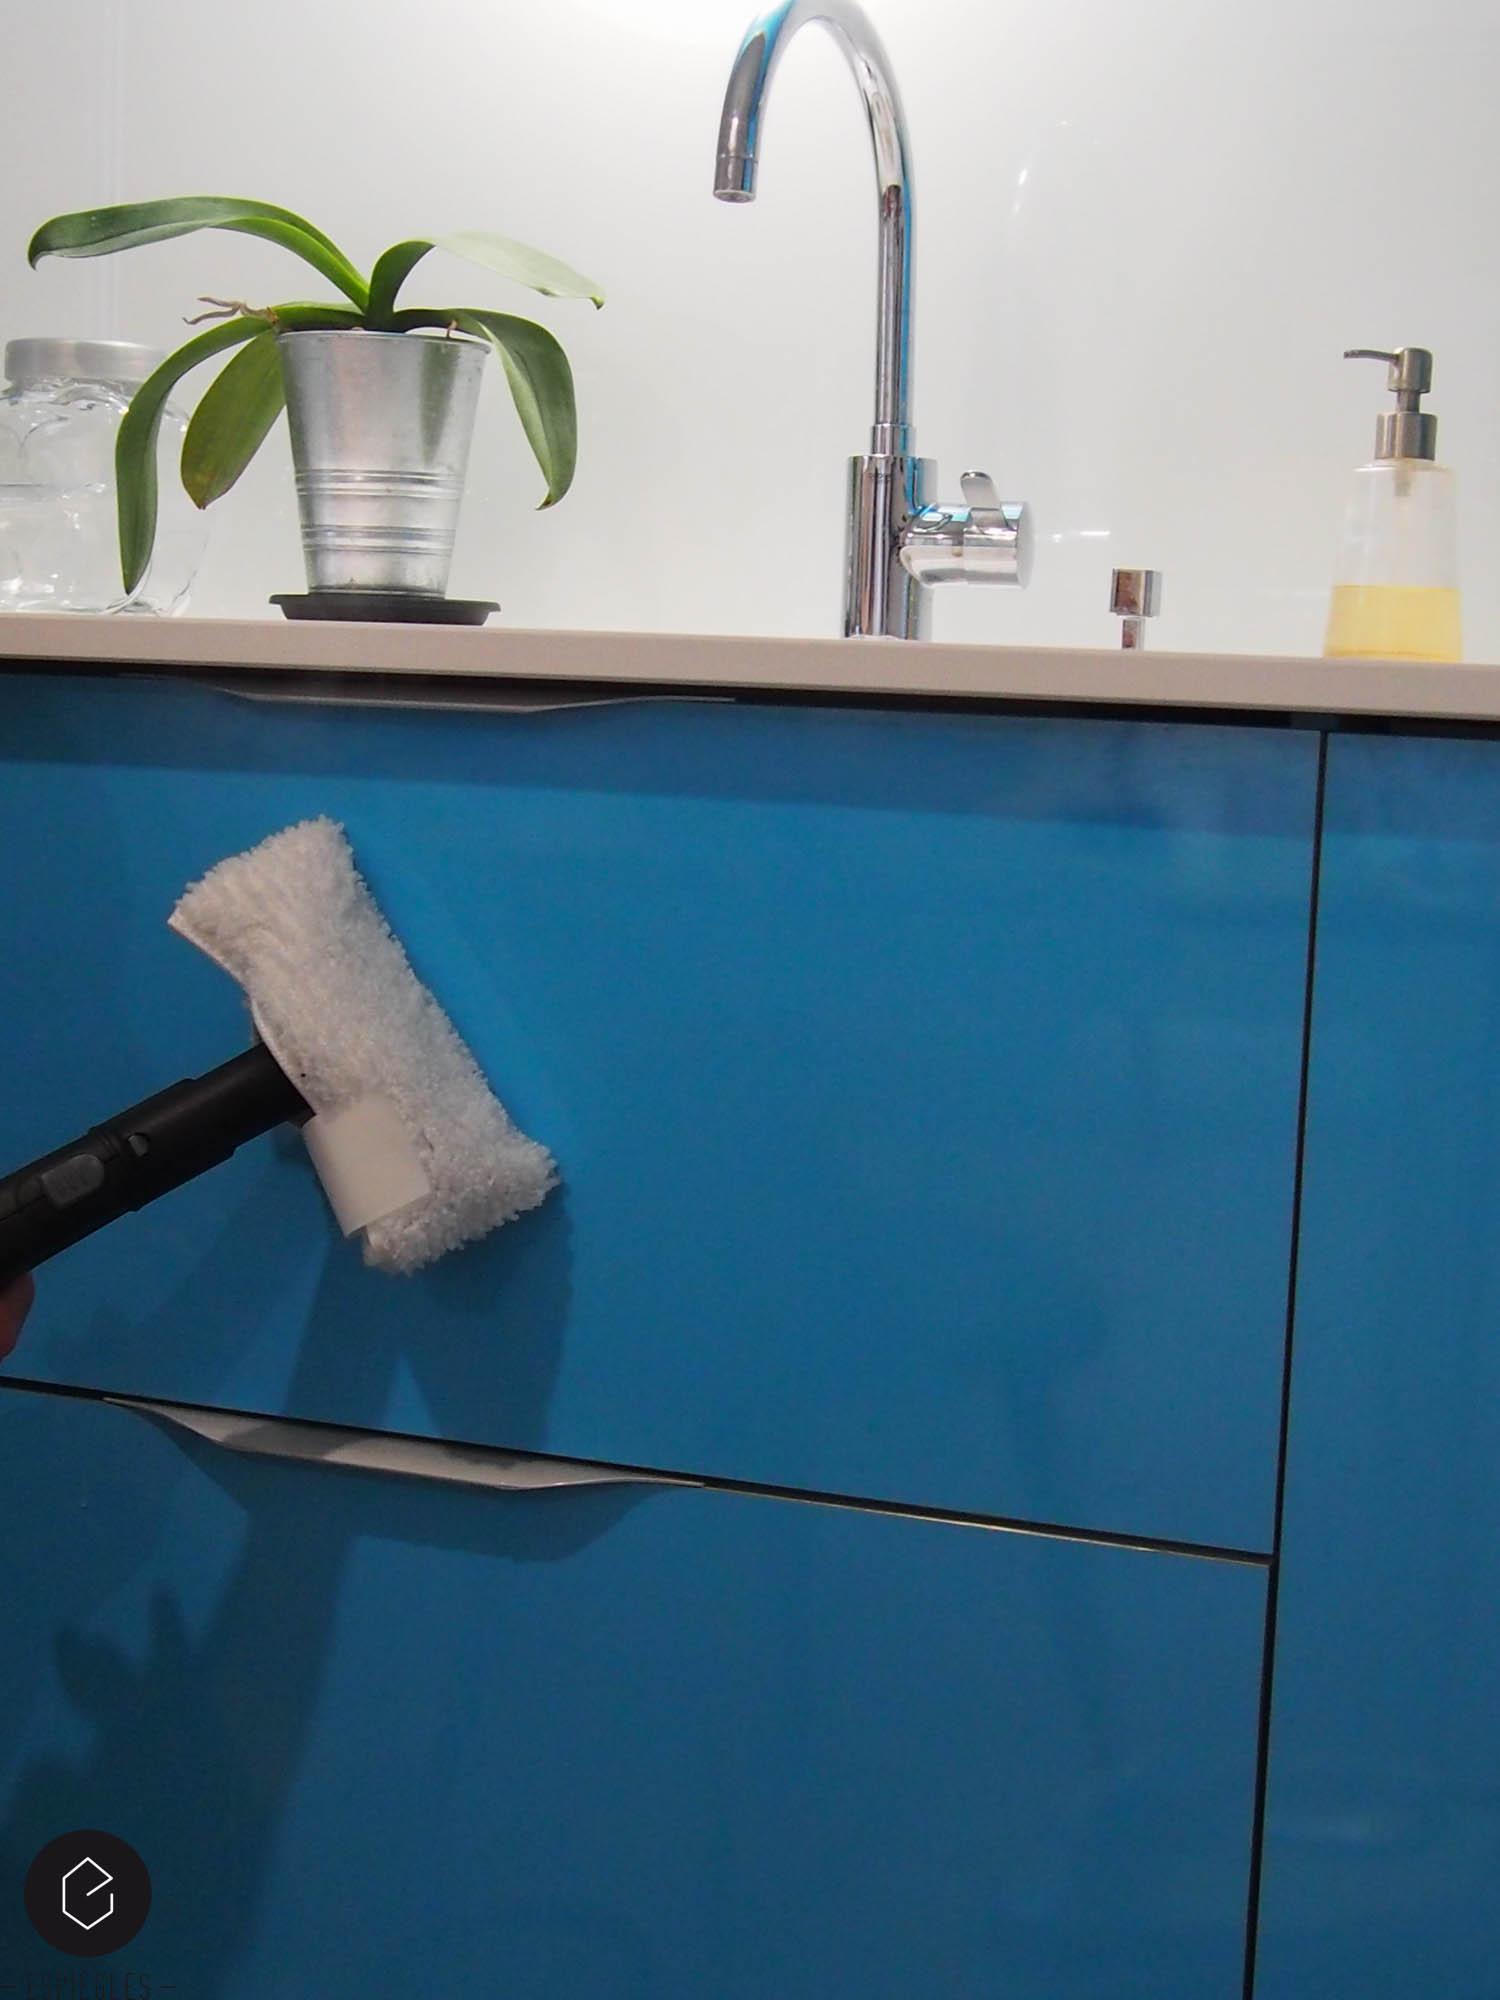 nettoyeur vapeur salle de bain 54514 salle de bain id es. Black Bedroom Furniture Sets. Home Design Ideas